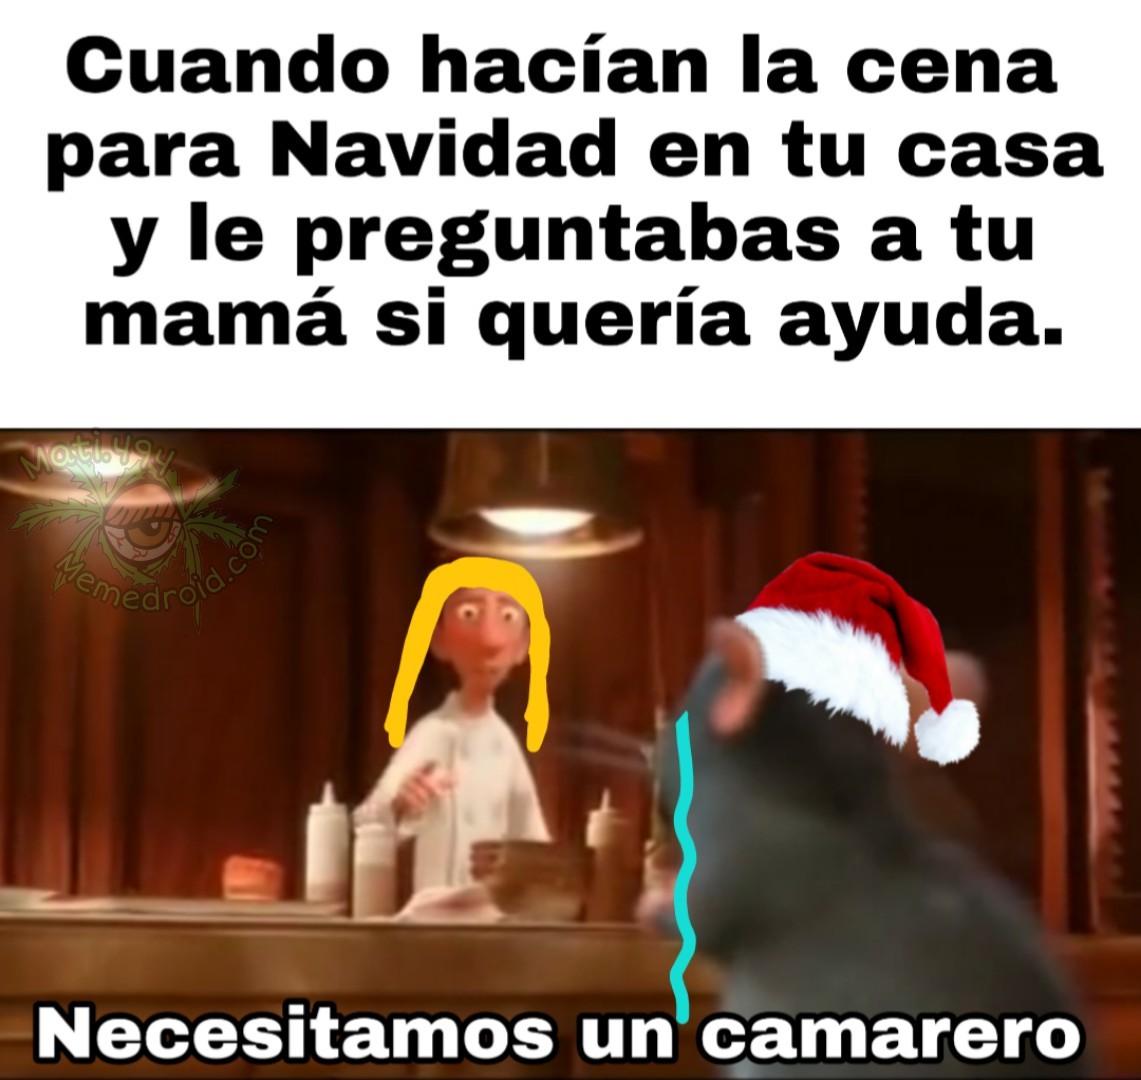 Meme navideño :o